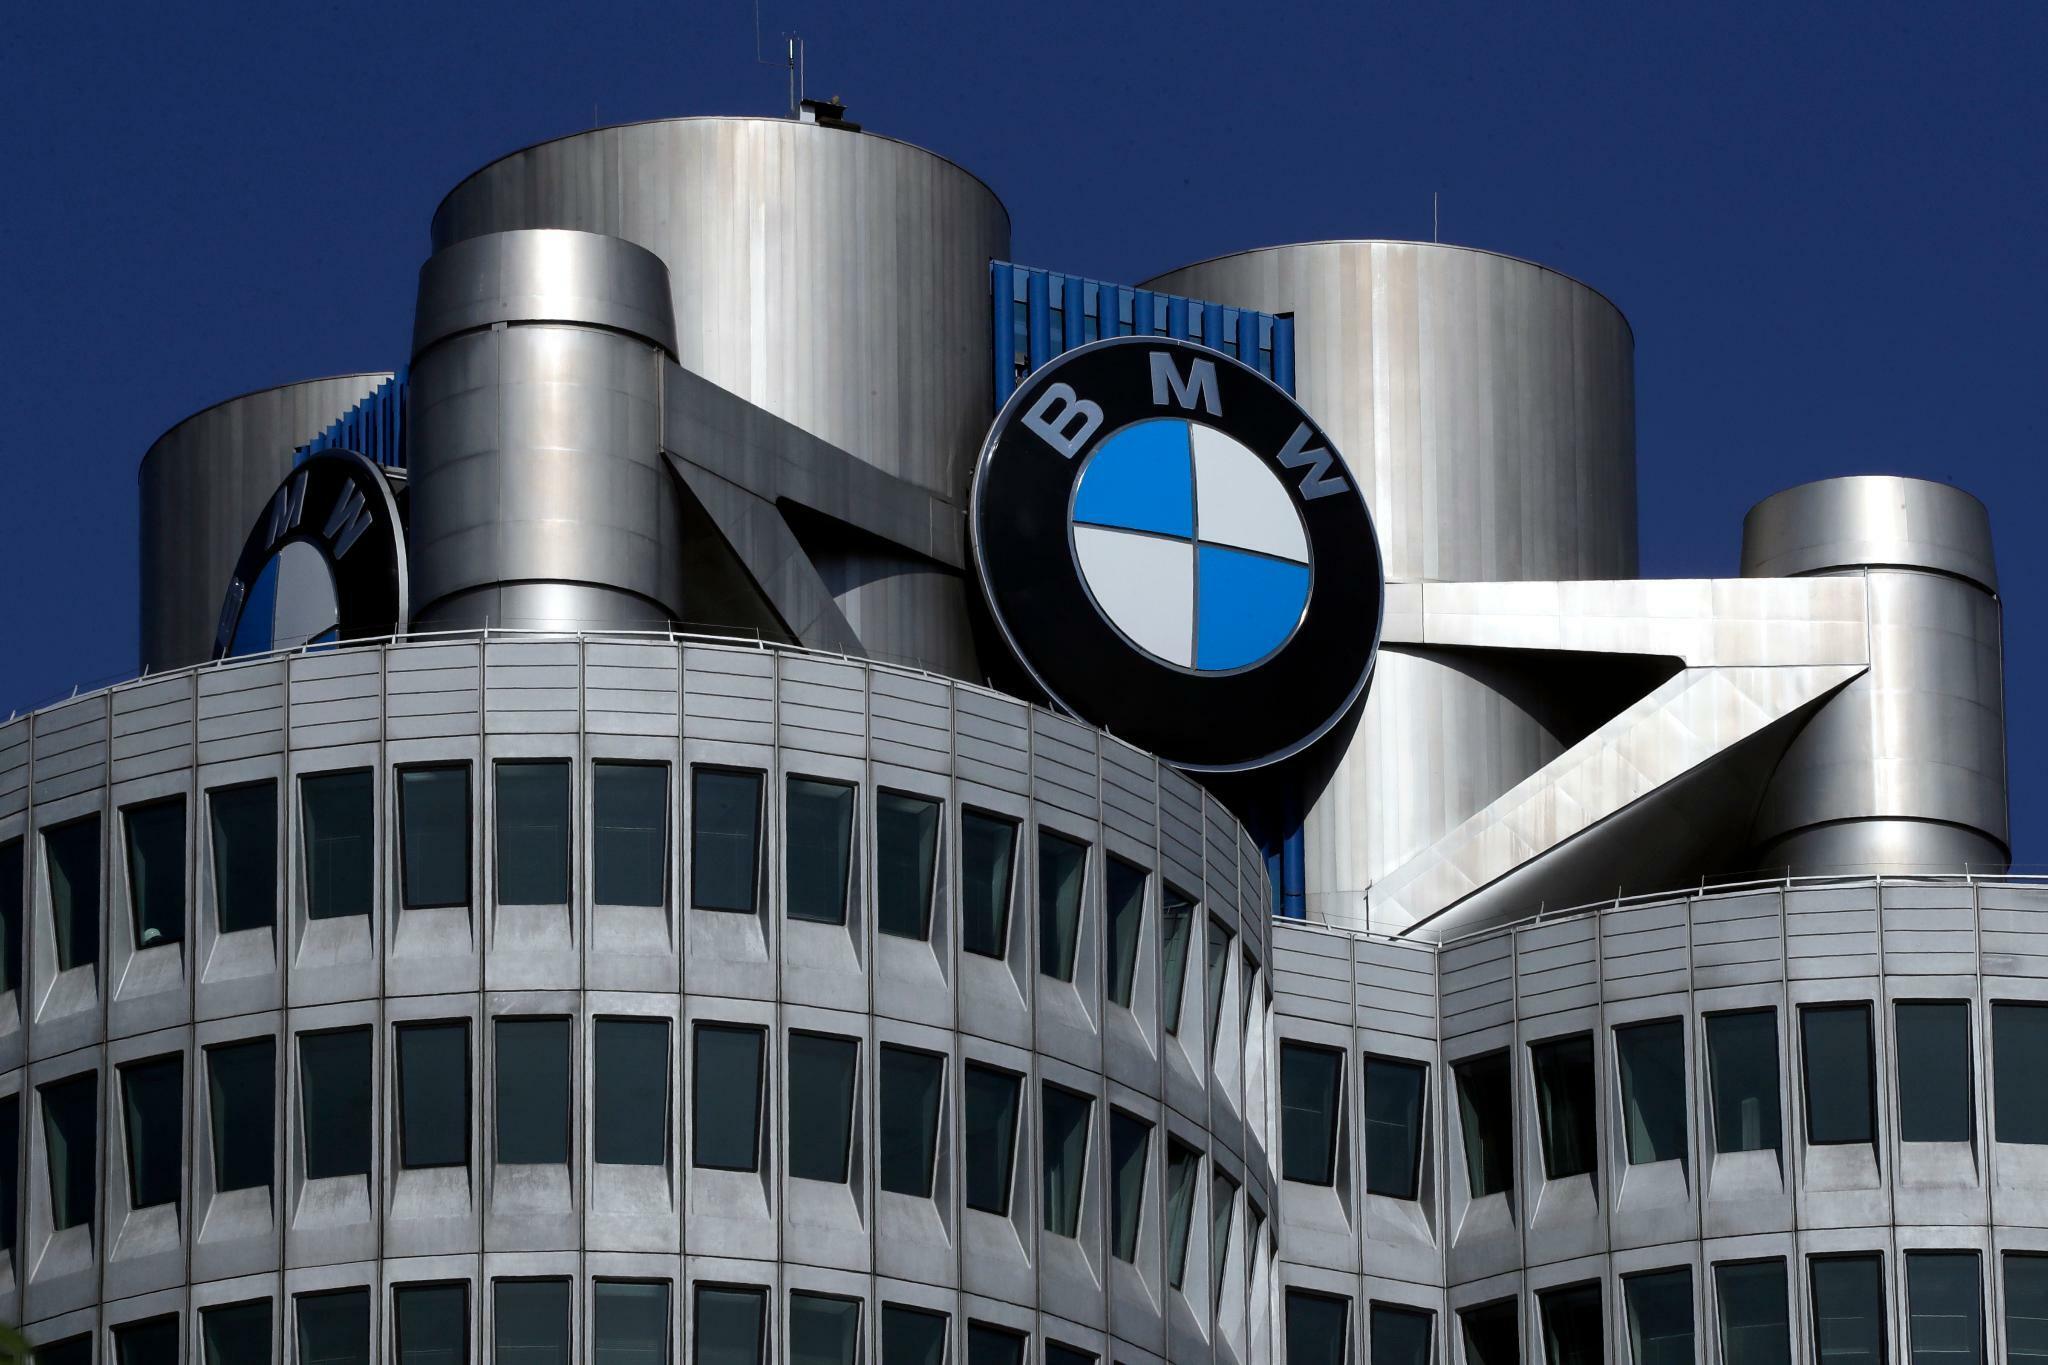 Pkw-Kartell: BMW will keine gütliche Einigung mit EU-Kommission